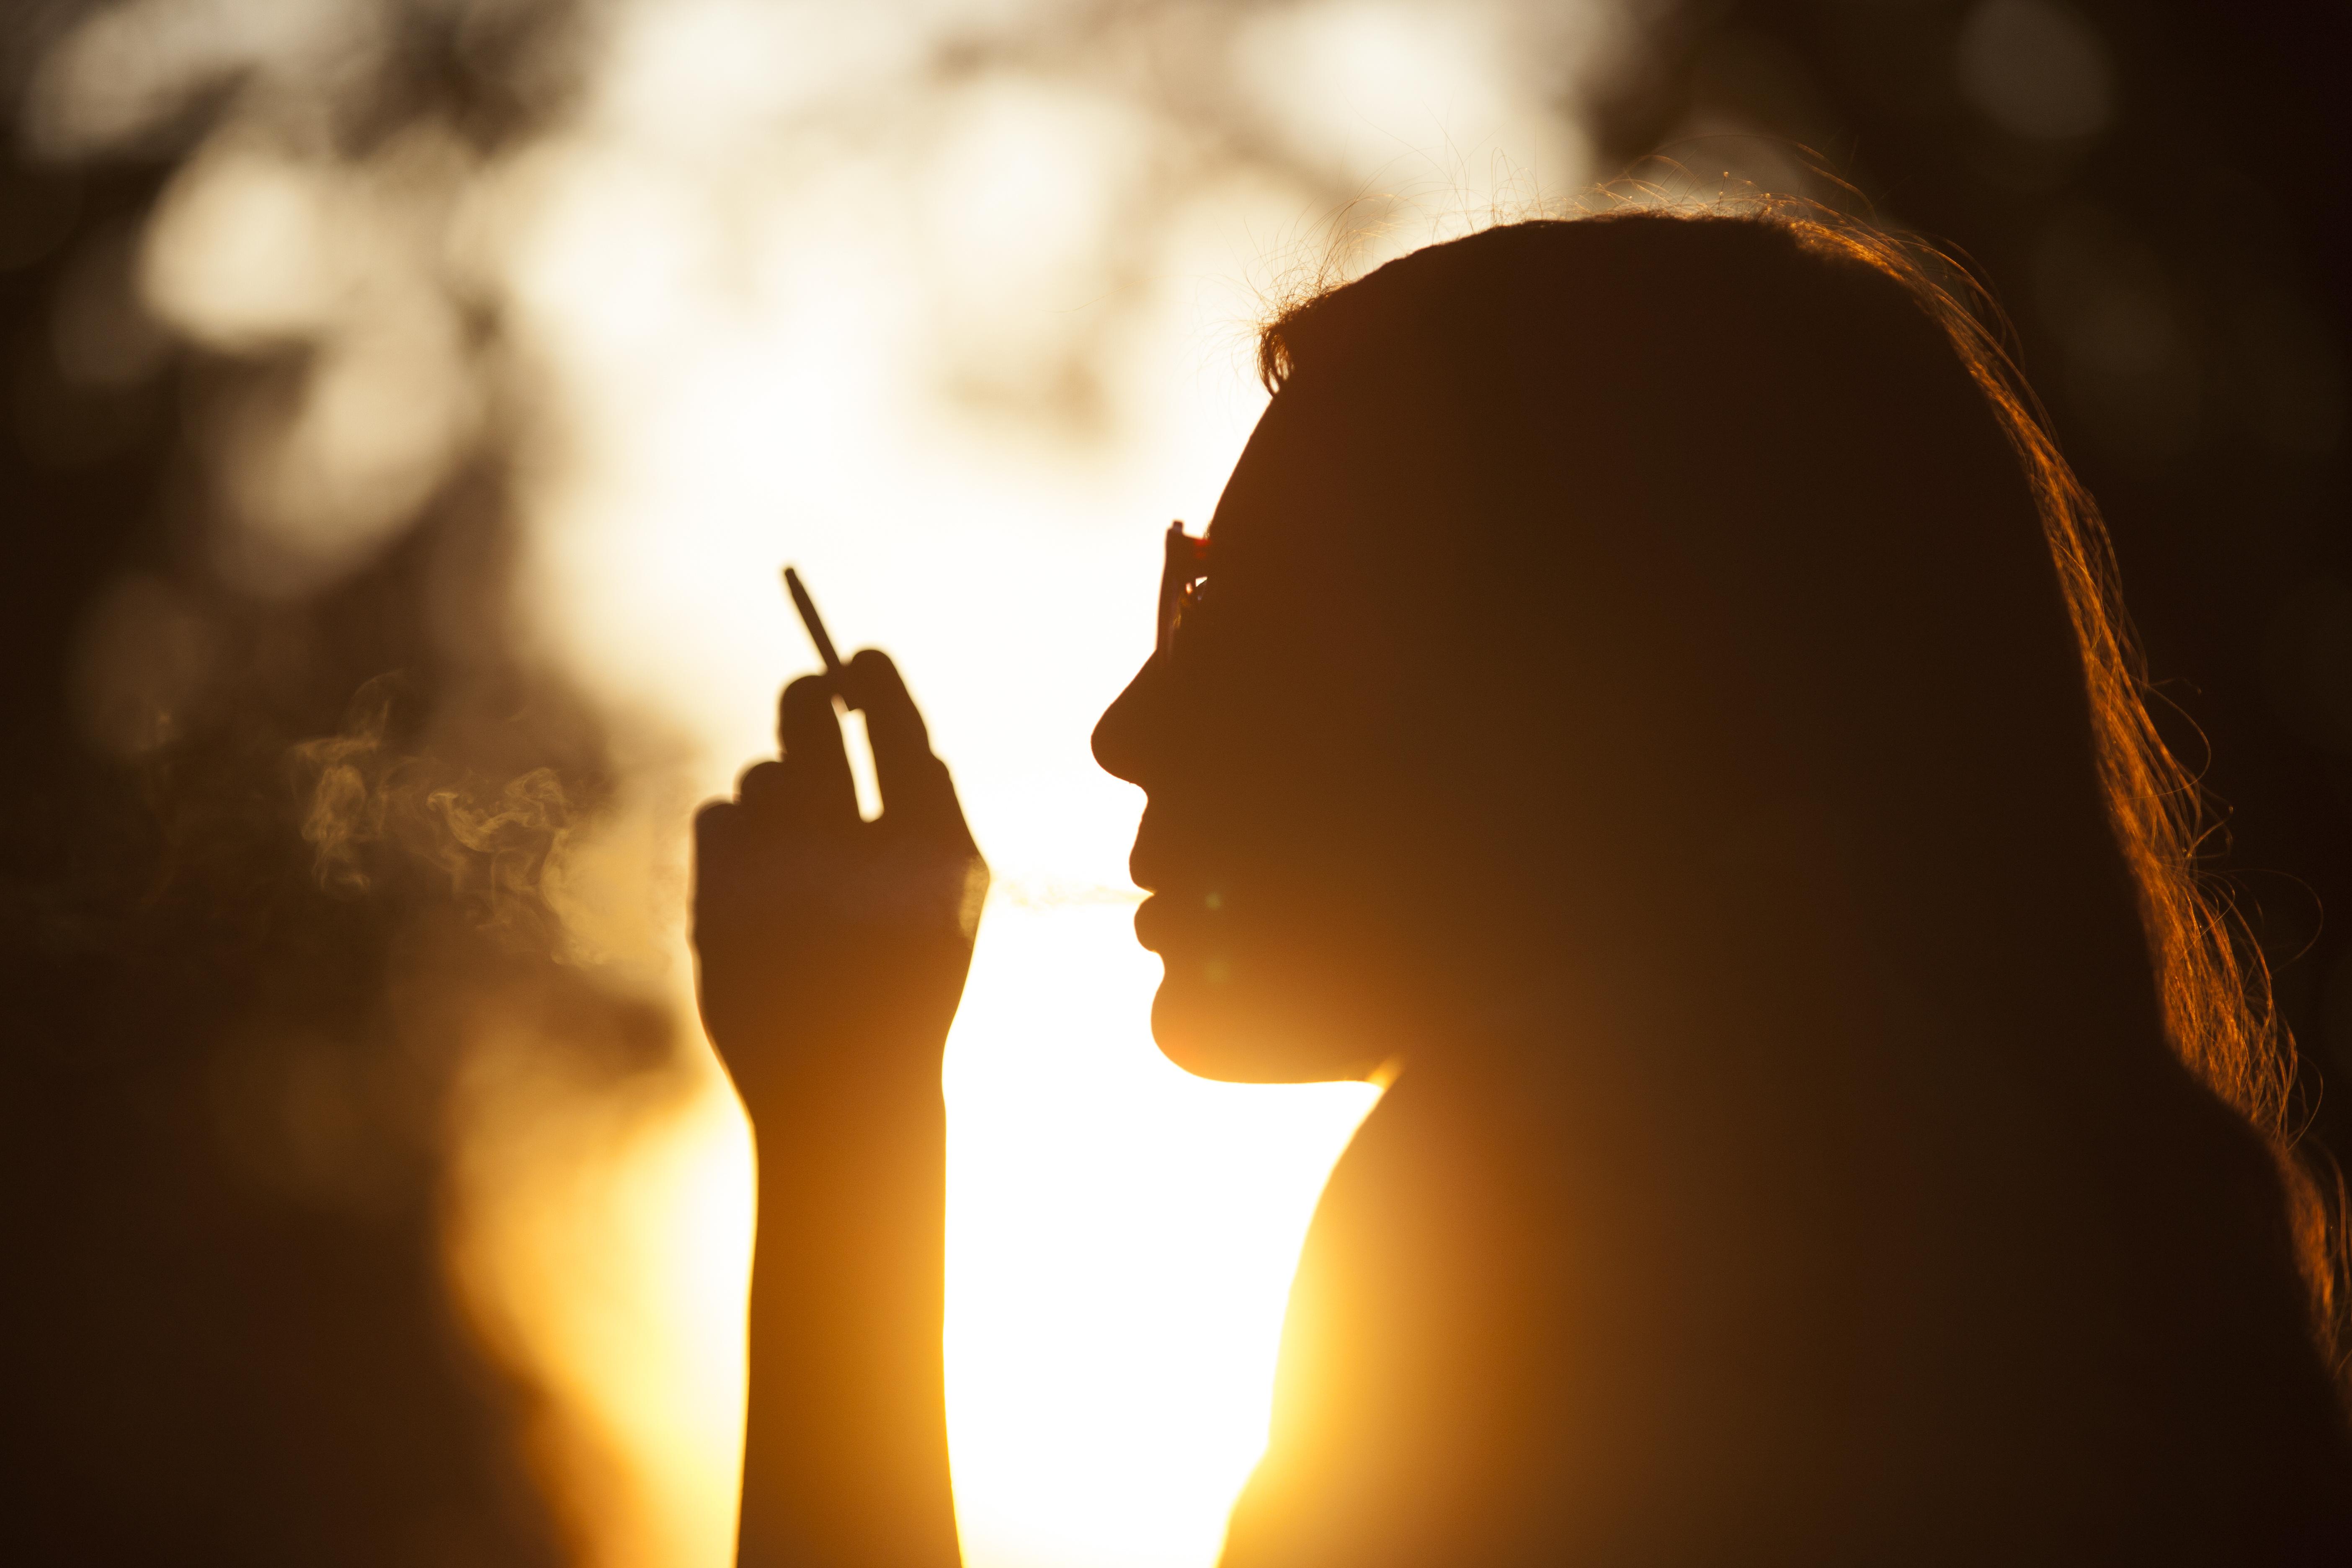 Smoke and sunset photo